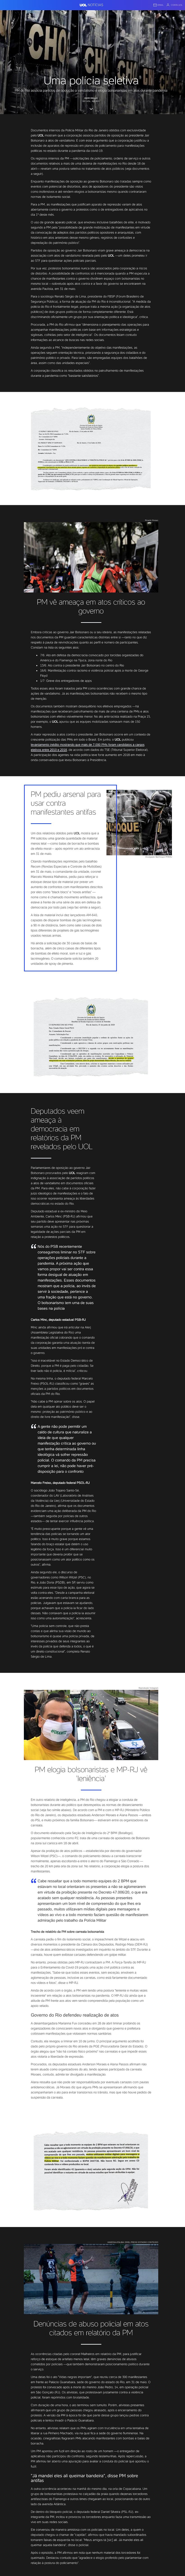 screenshot-noticias.uol.com.br-2020.07.p